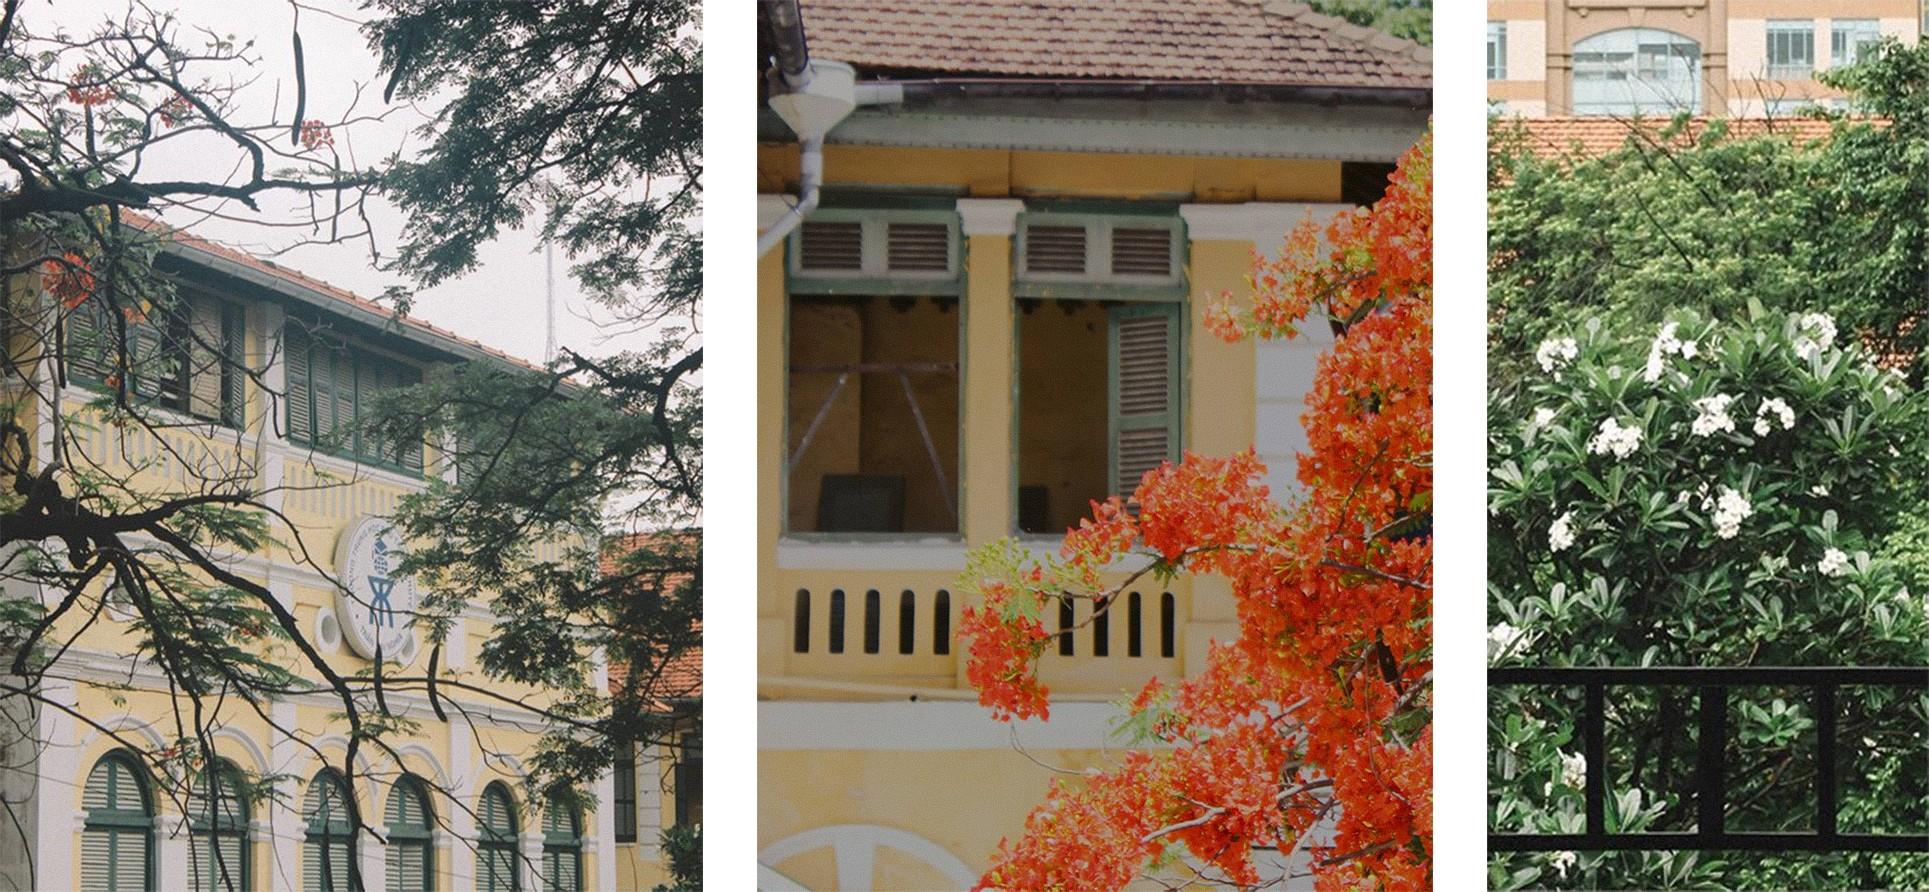 Ngôi trường trong mơ: Những ô cửa sổ sắc màu của trường THPT Chuyên Trần Đại Nghĩa ảnh 4